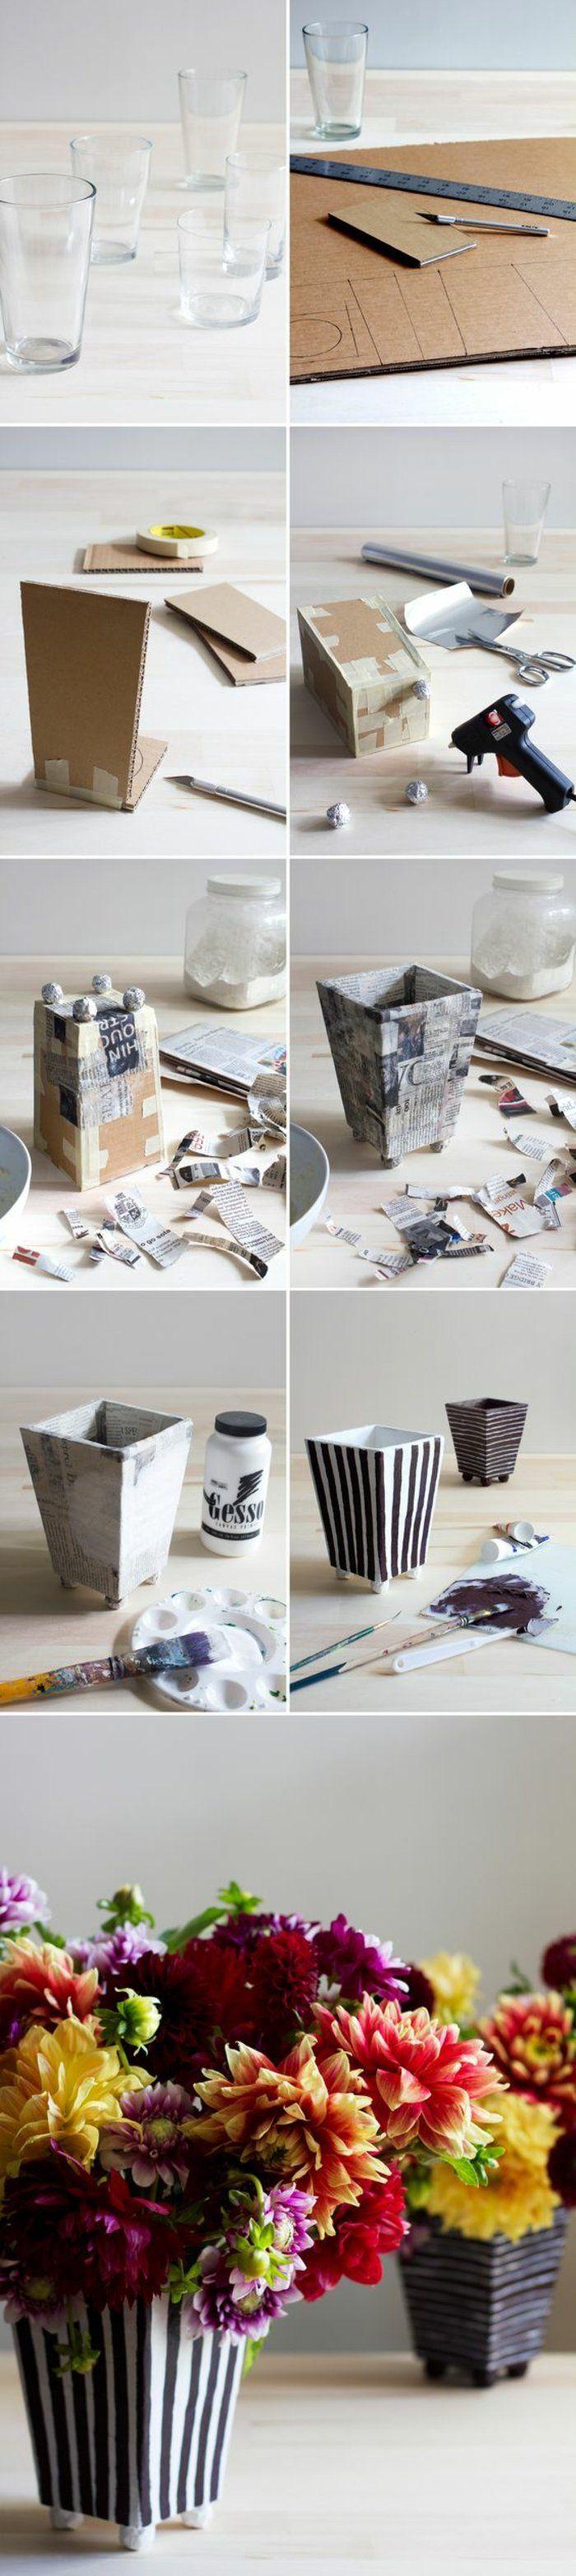 de simples verres d eau transformés en vases, papier maché tutoriel, papier journal peint en blanc à rayures marron